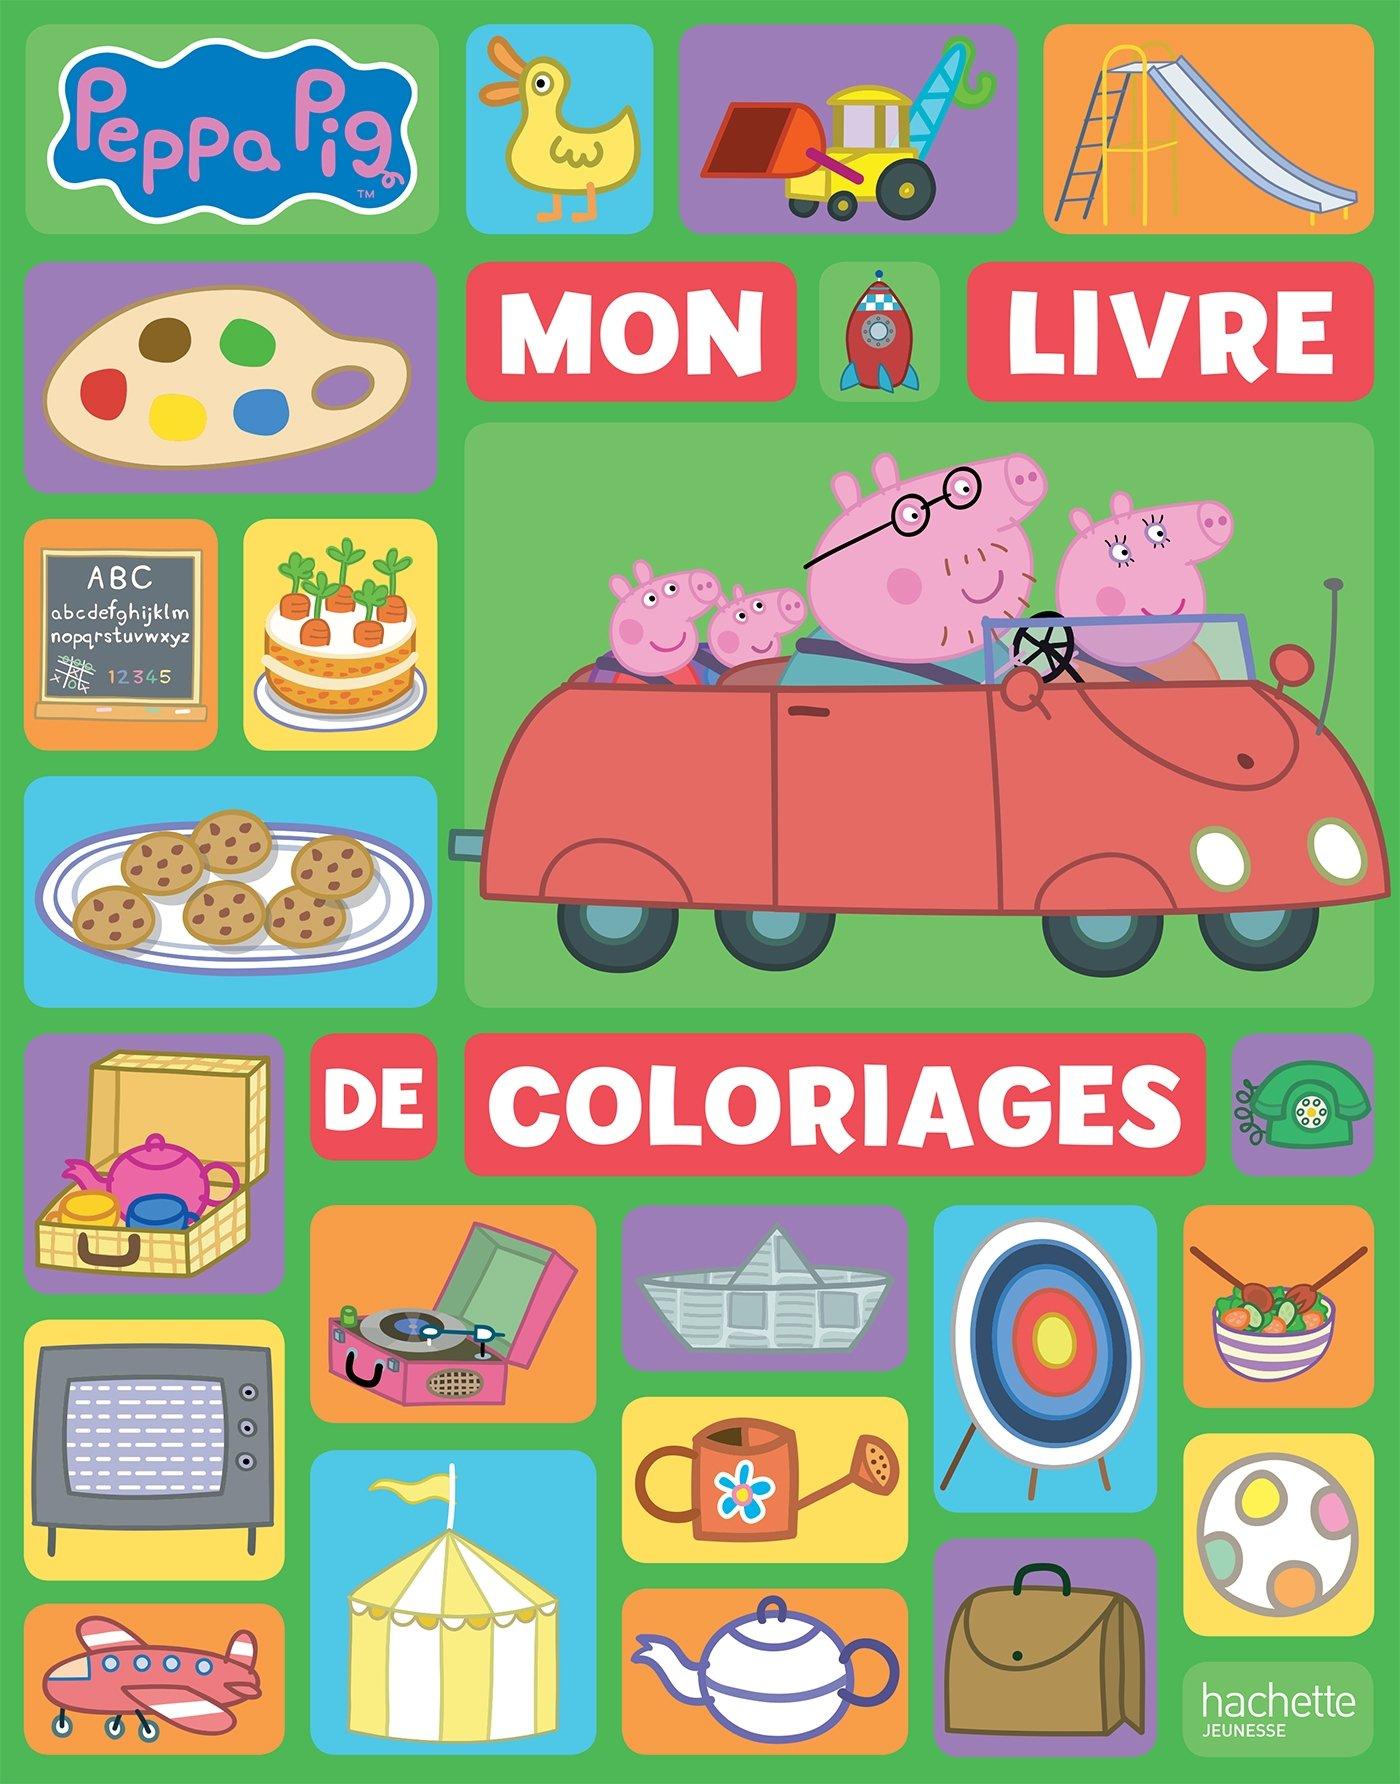 Peppa Pig Mon Livre De Coloriages French Edition Hachette Jeunesse 9782014648386 Amazon Com Books